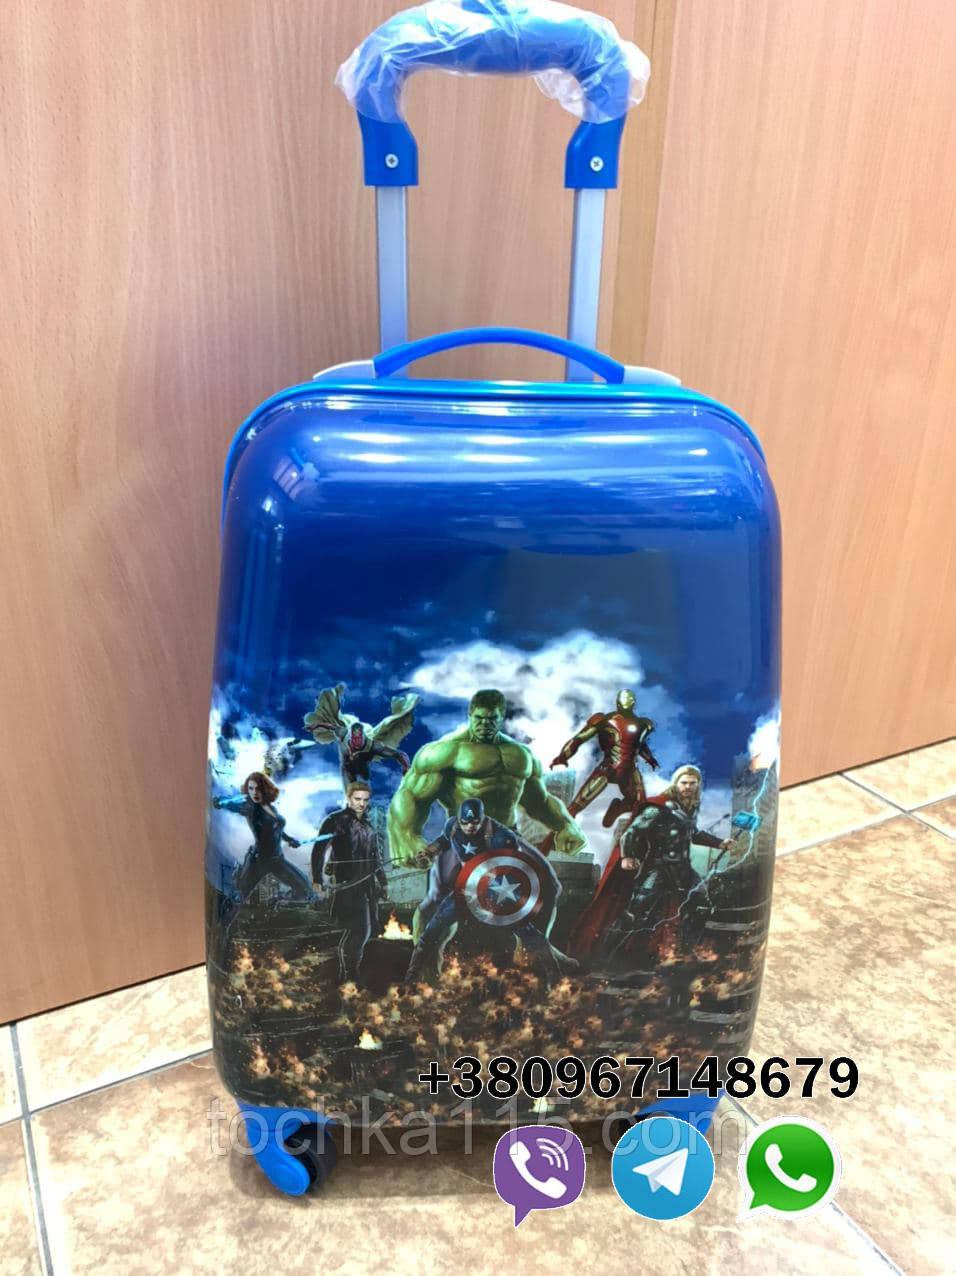 Детский чемодан с телескопической ручкой MARVEL ХАЛК на подарок ребенку, ручная кладь 44/30/20 см